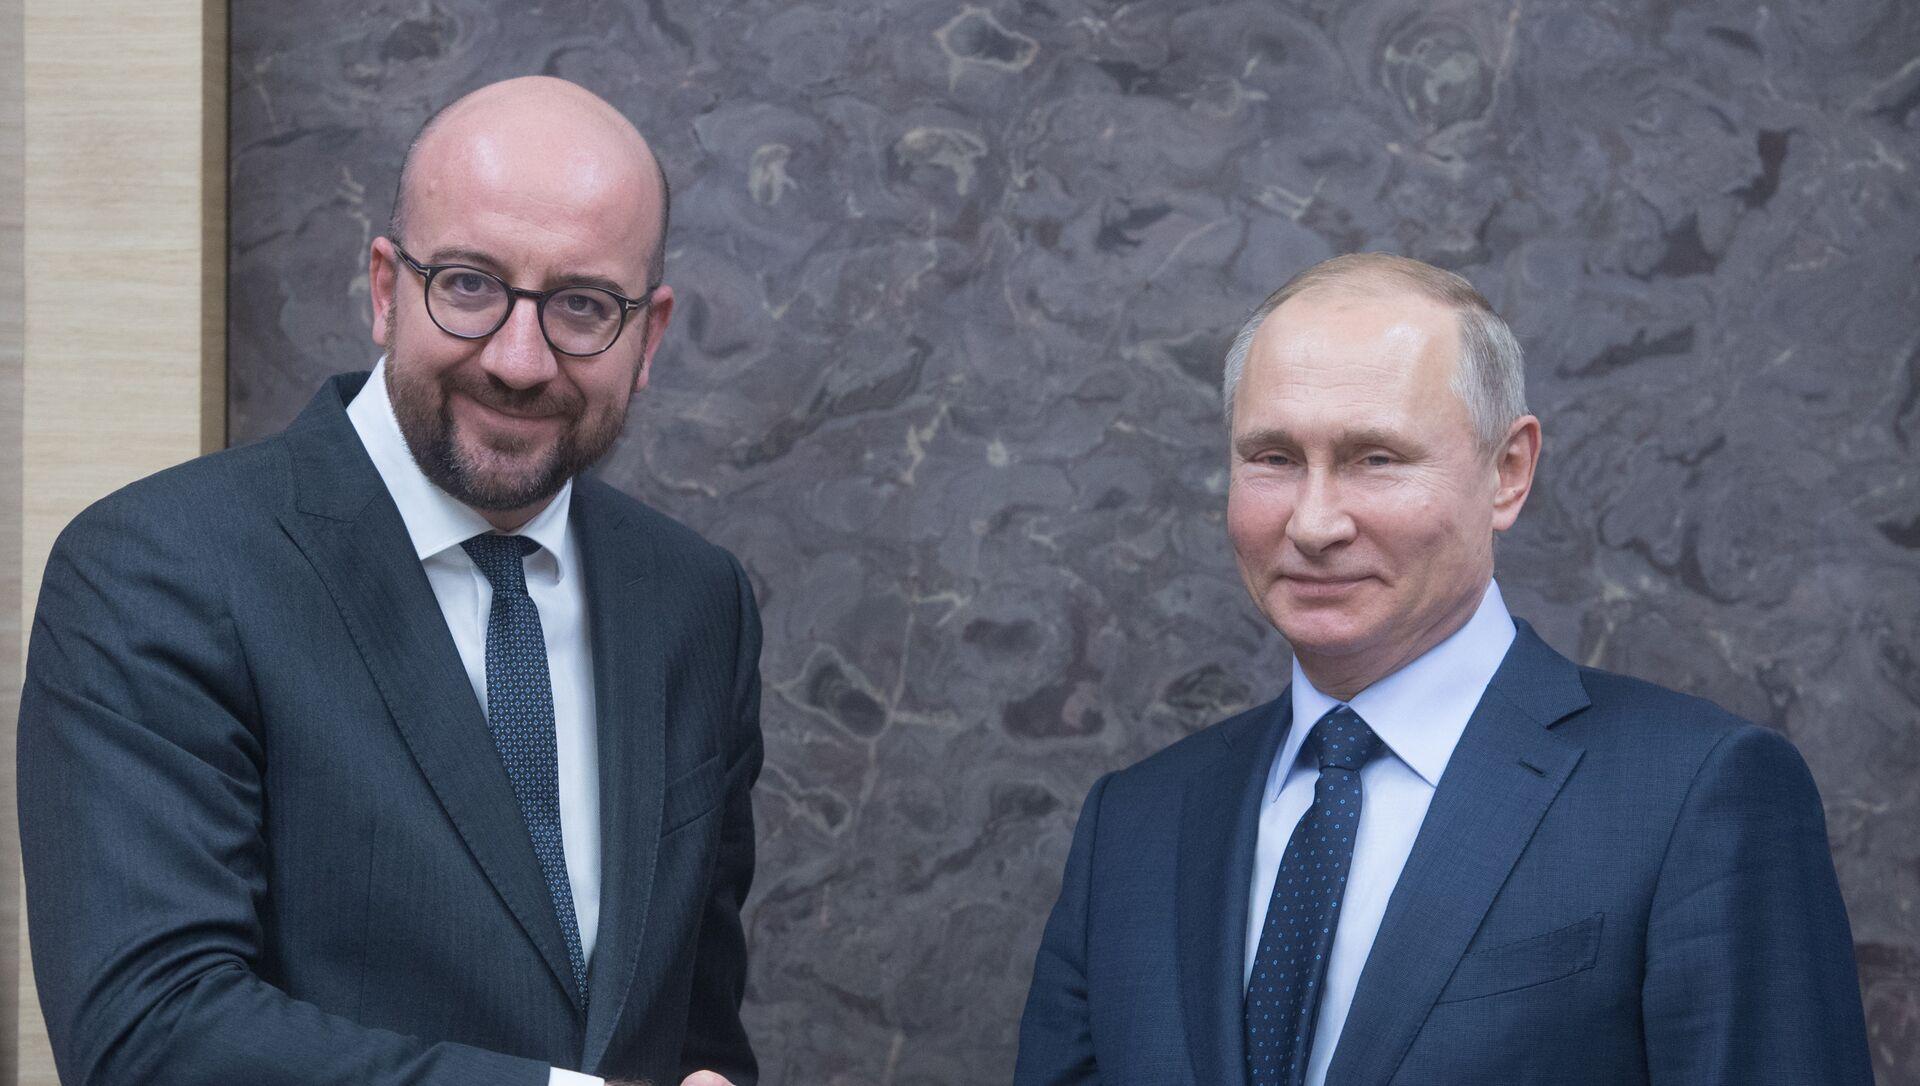 Президент РФ Владимир Путин и глава Евросовета Шарль Мишель (слева), фото из архива - Sputnik Азербайджан, 1920, 08.09.2021